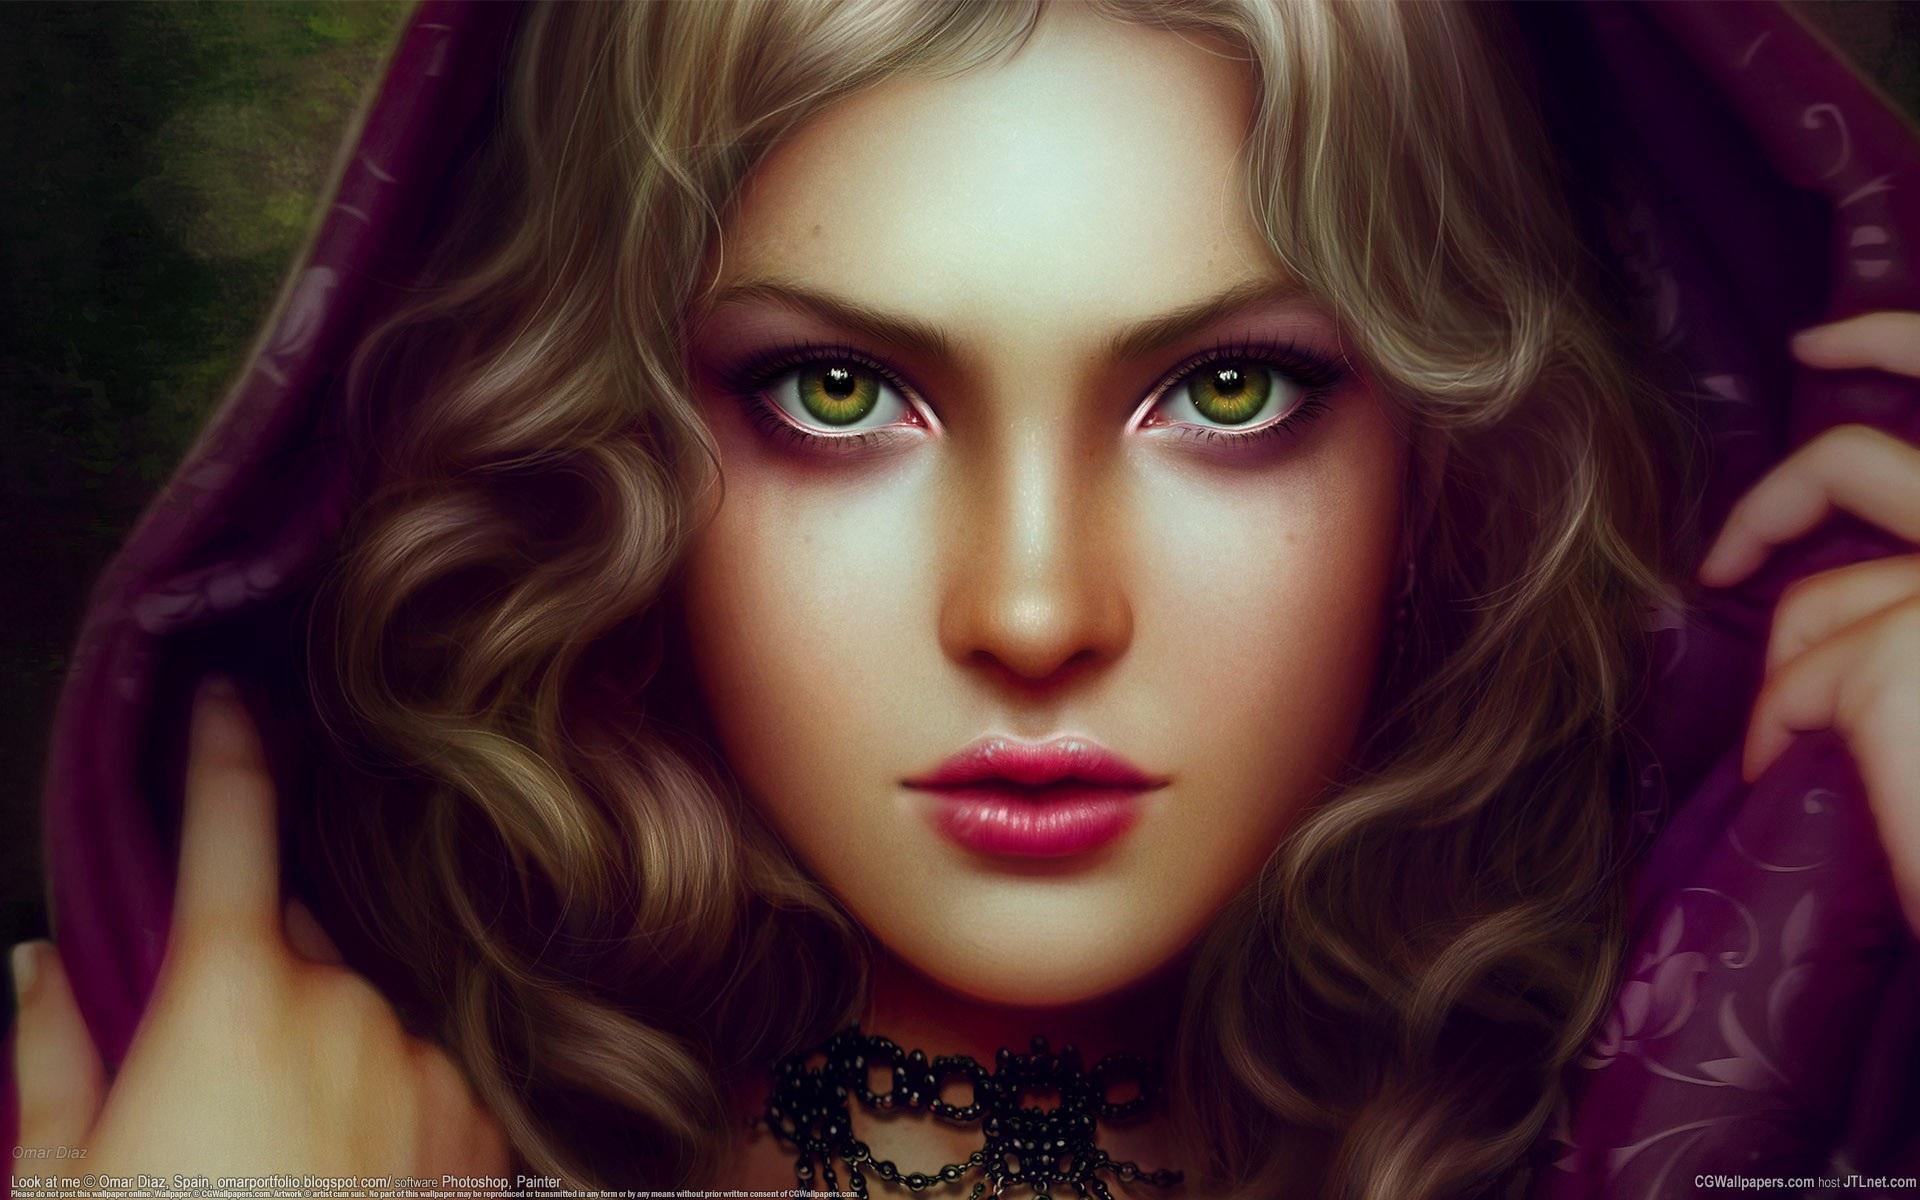 Green eyes fantasy girl wallpapers fantasy girls hd desktop green eyes fantasy girl wallpaper preview voltagebd Gallery